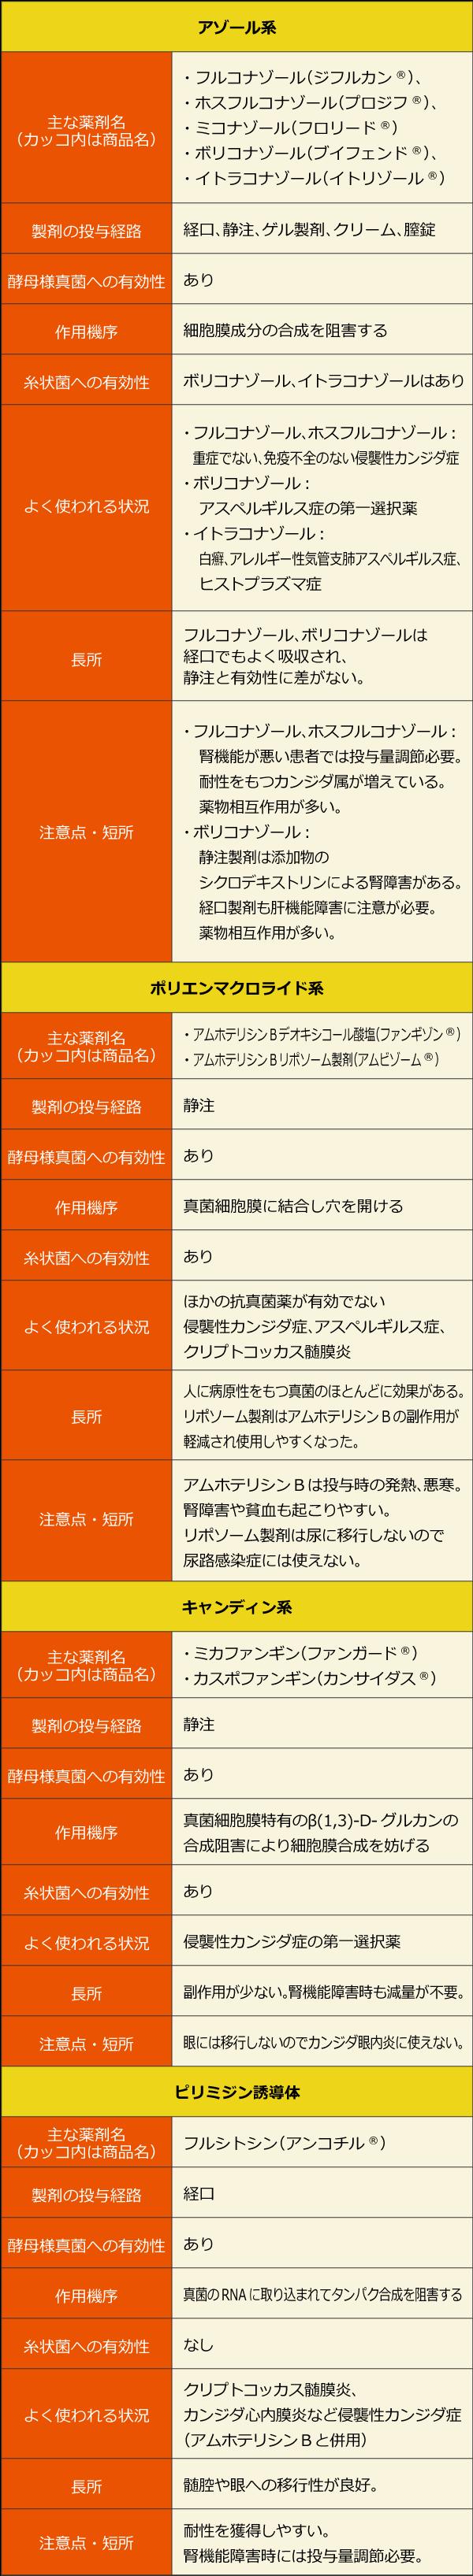 日本で使われている主な抗真菌薬